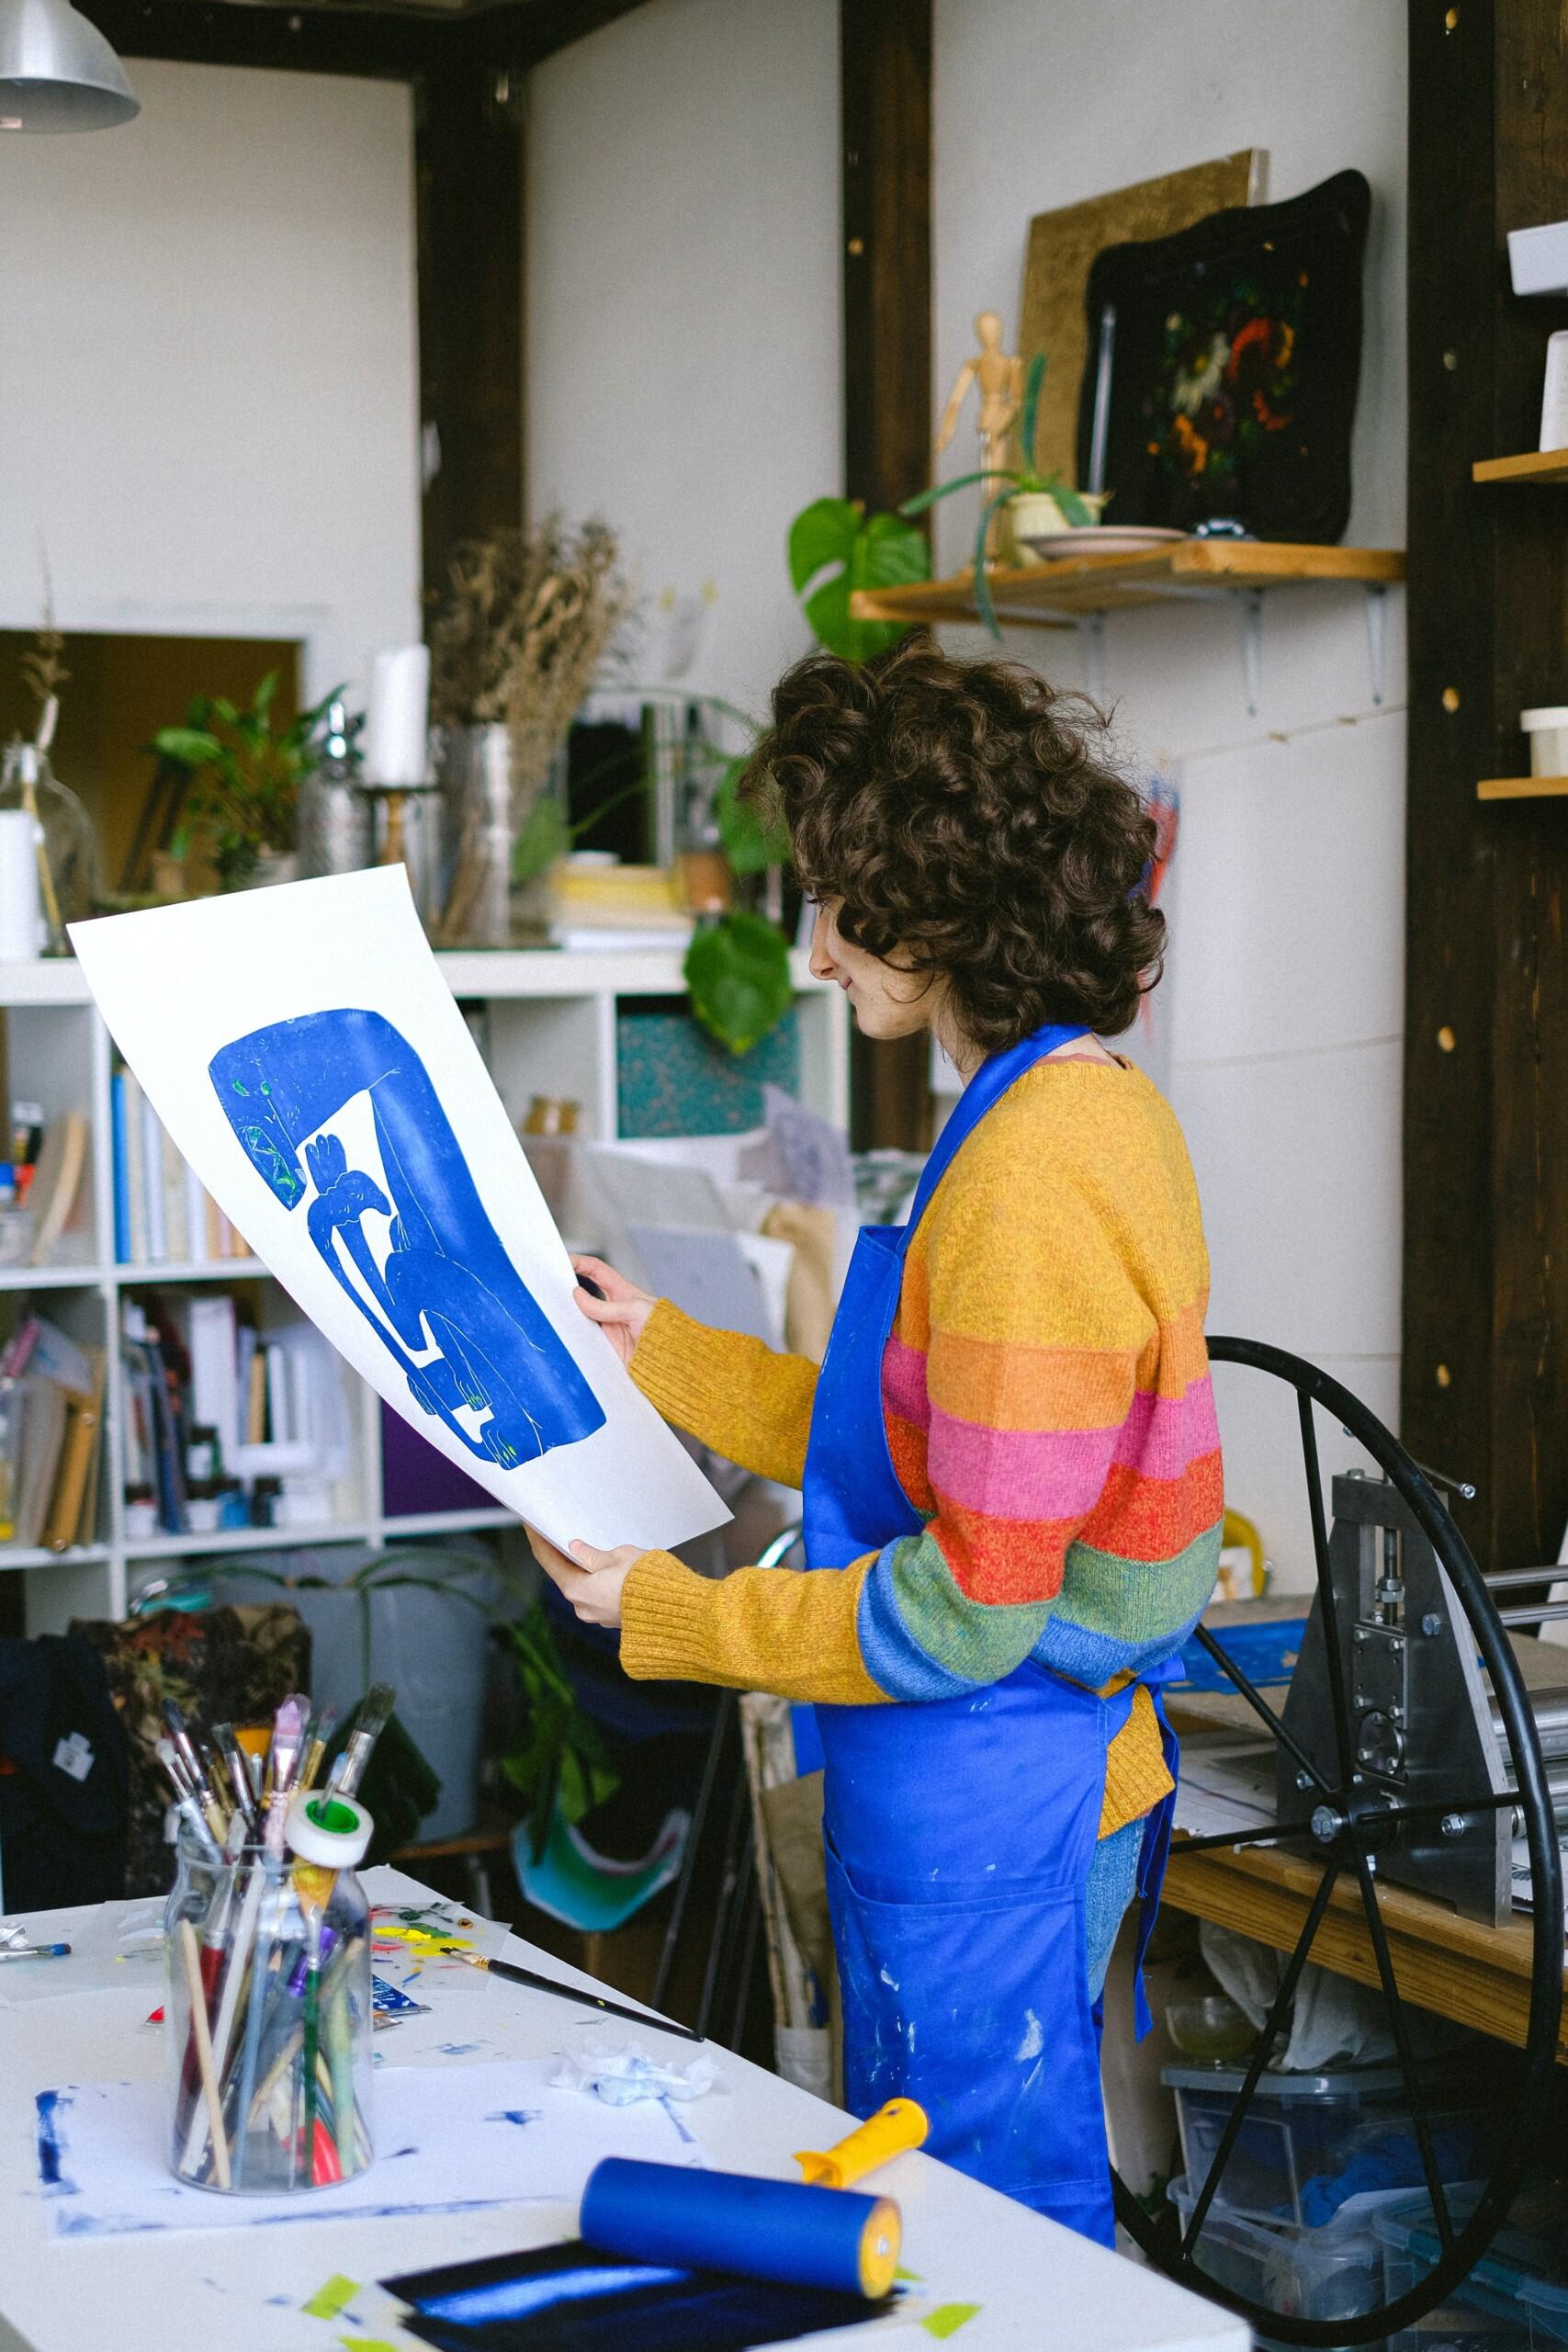 Selbstmotivation 3 Künstlerin betrachtet ihr fertig gemaltes Kunstwerk